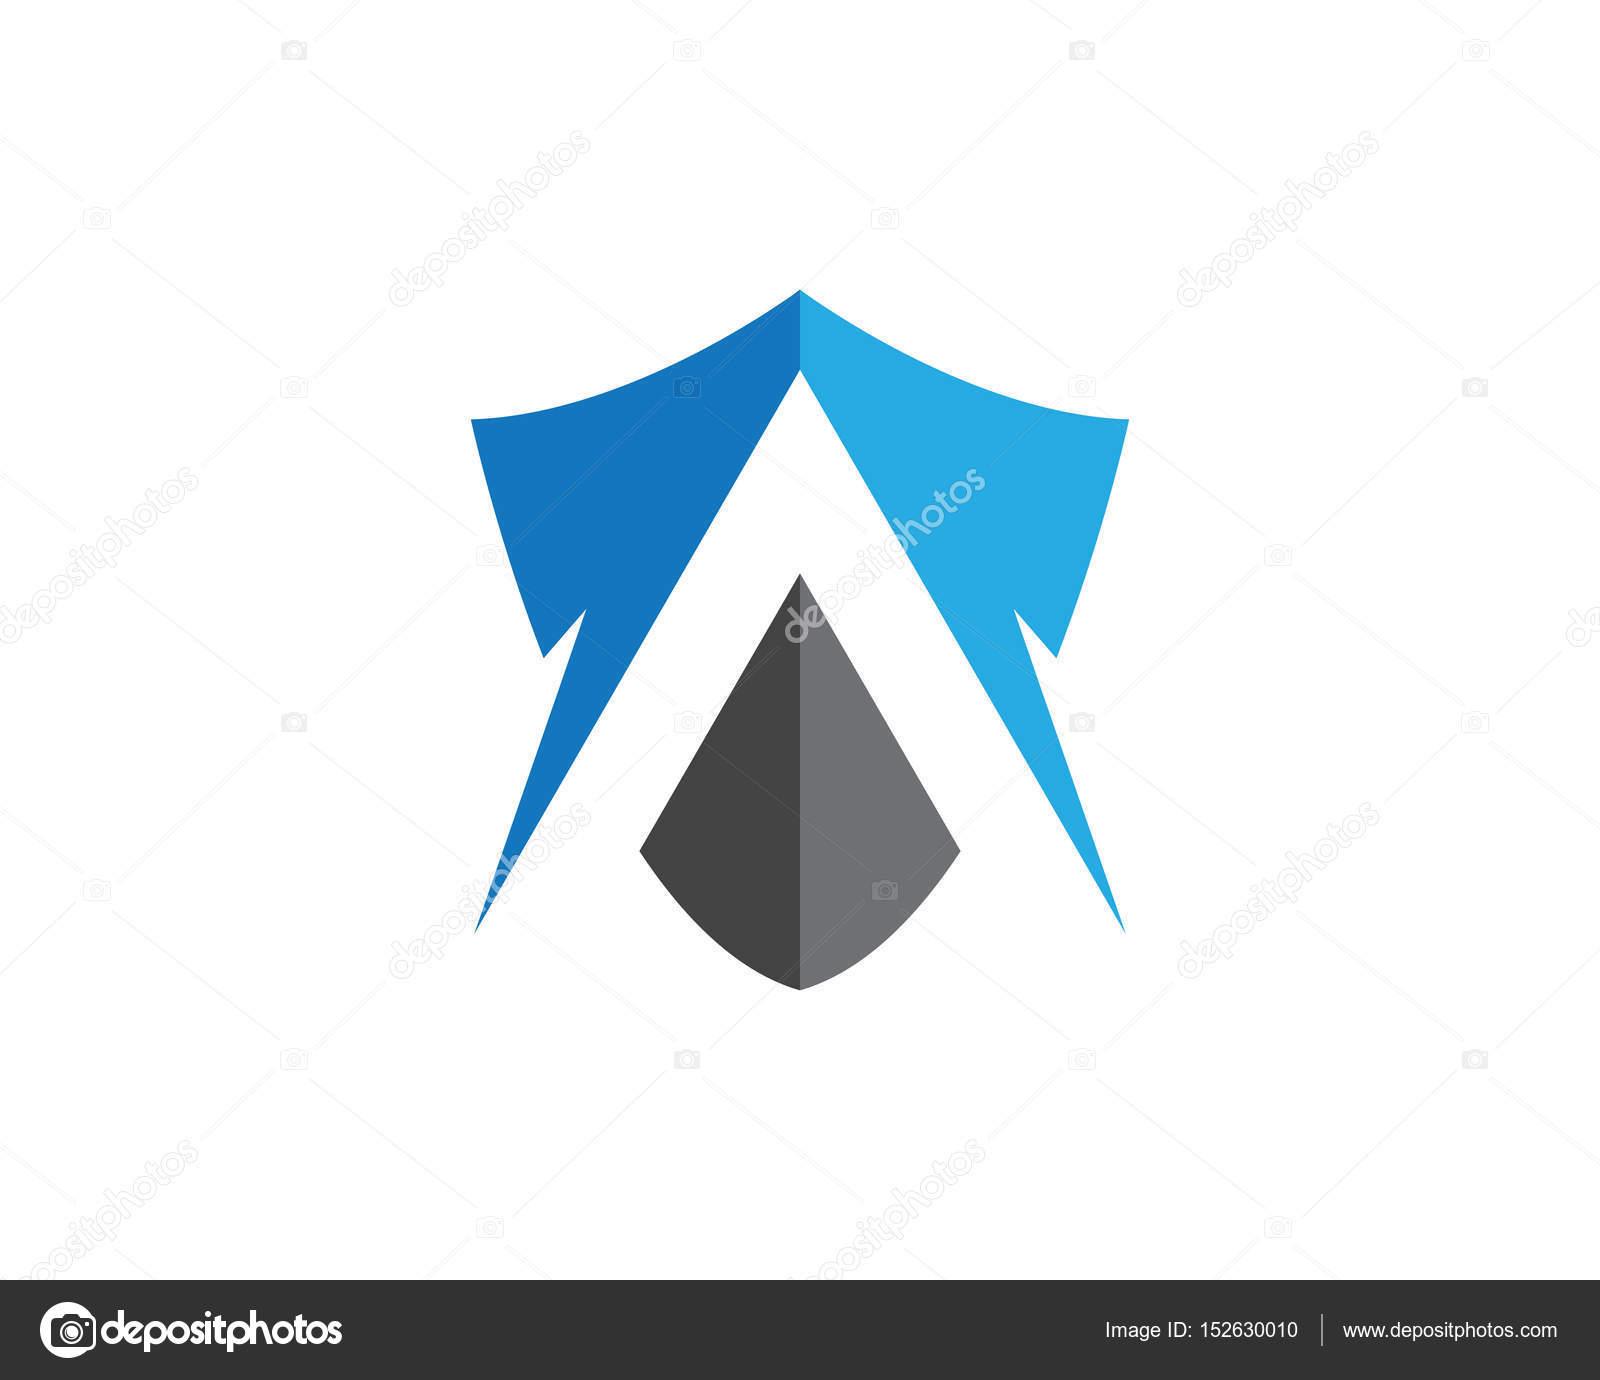 Security logos design